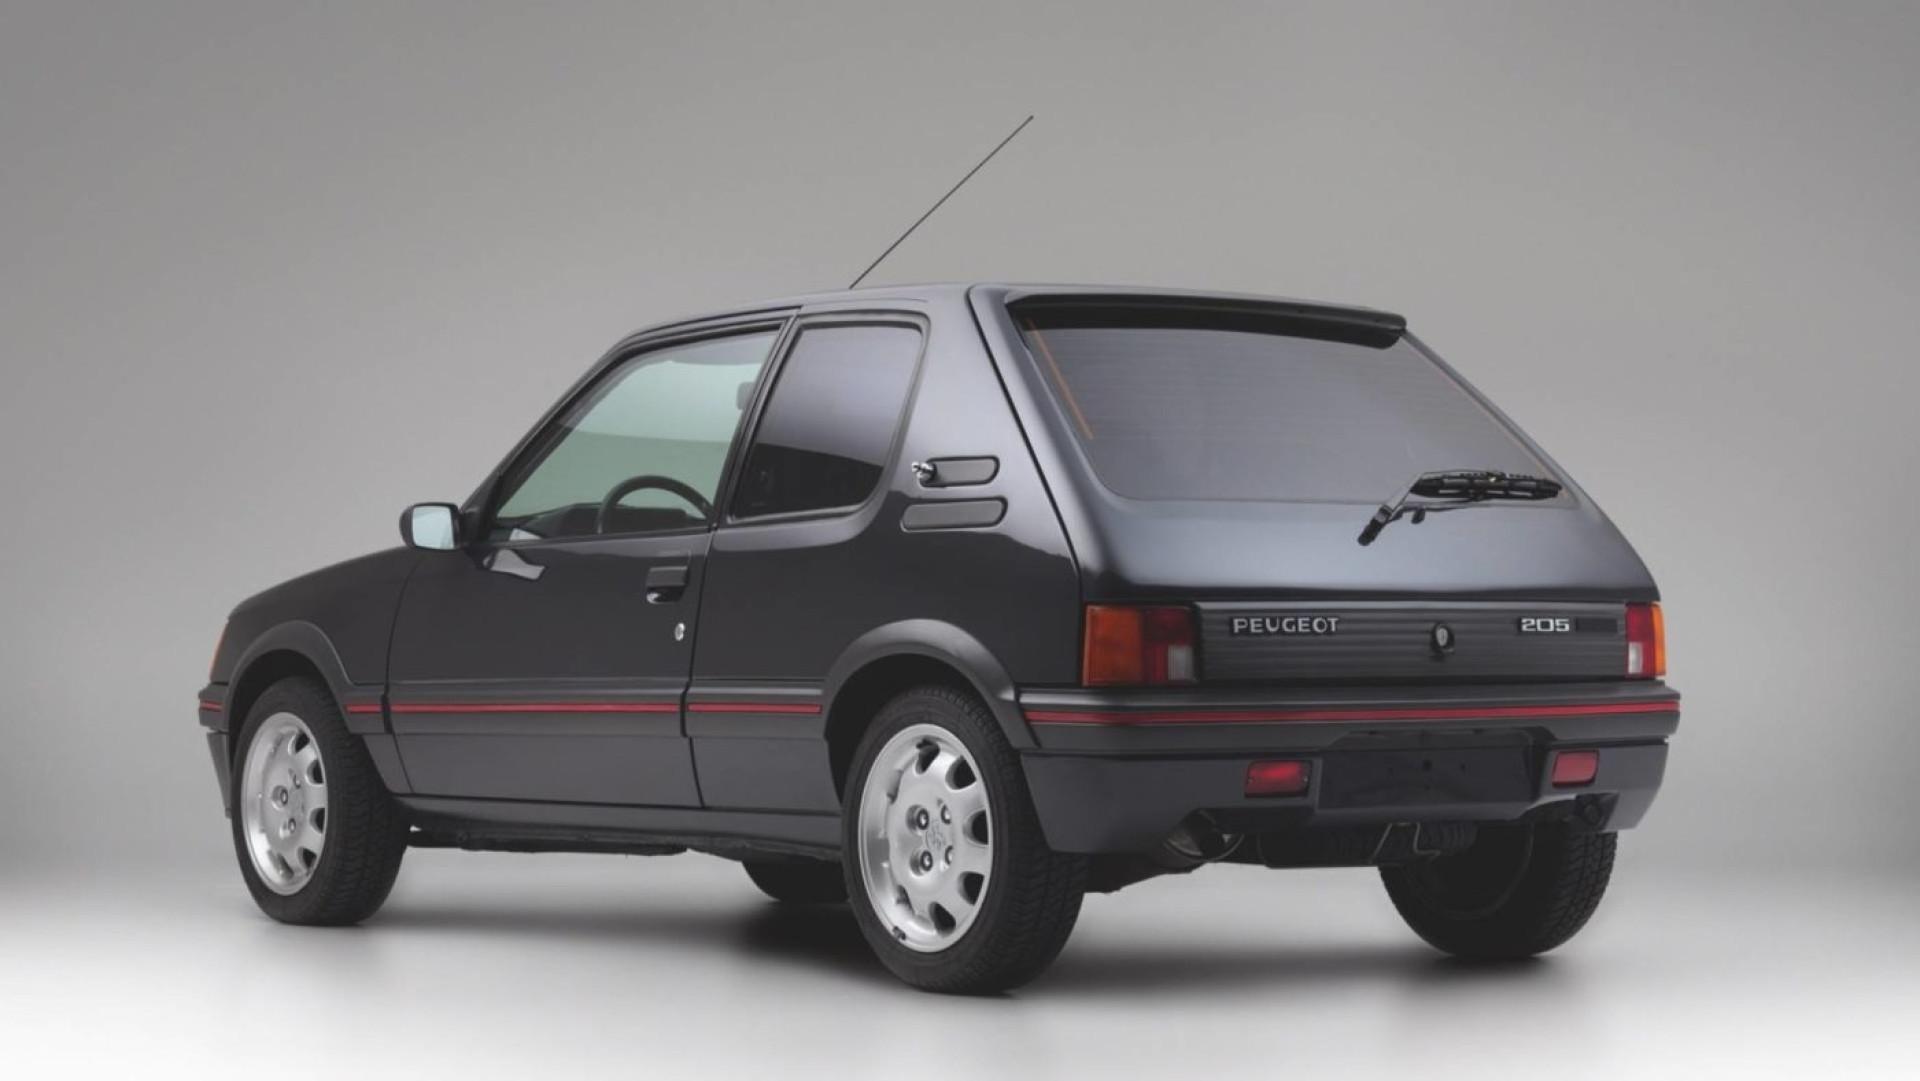 Já viu um Peugeot 205 GTI blindado? Ele existe e está à venda